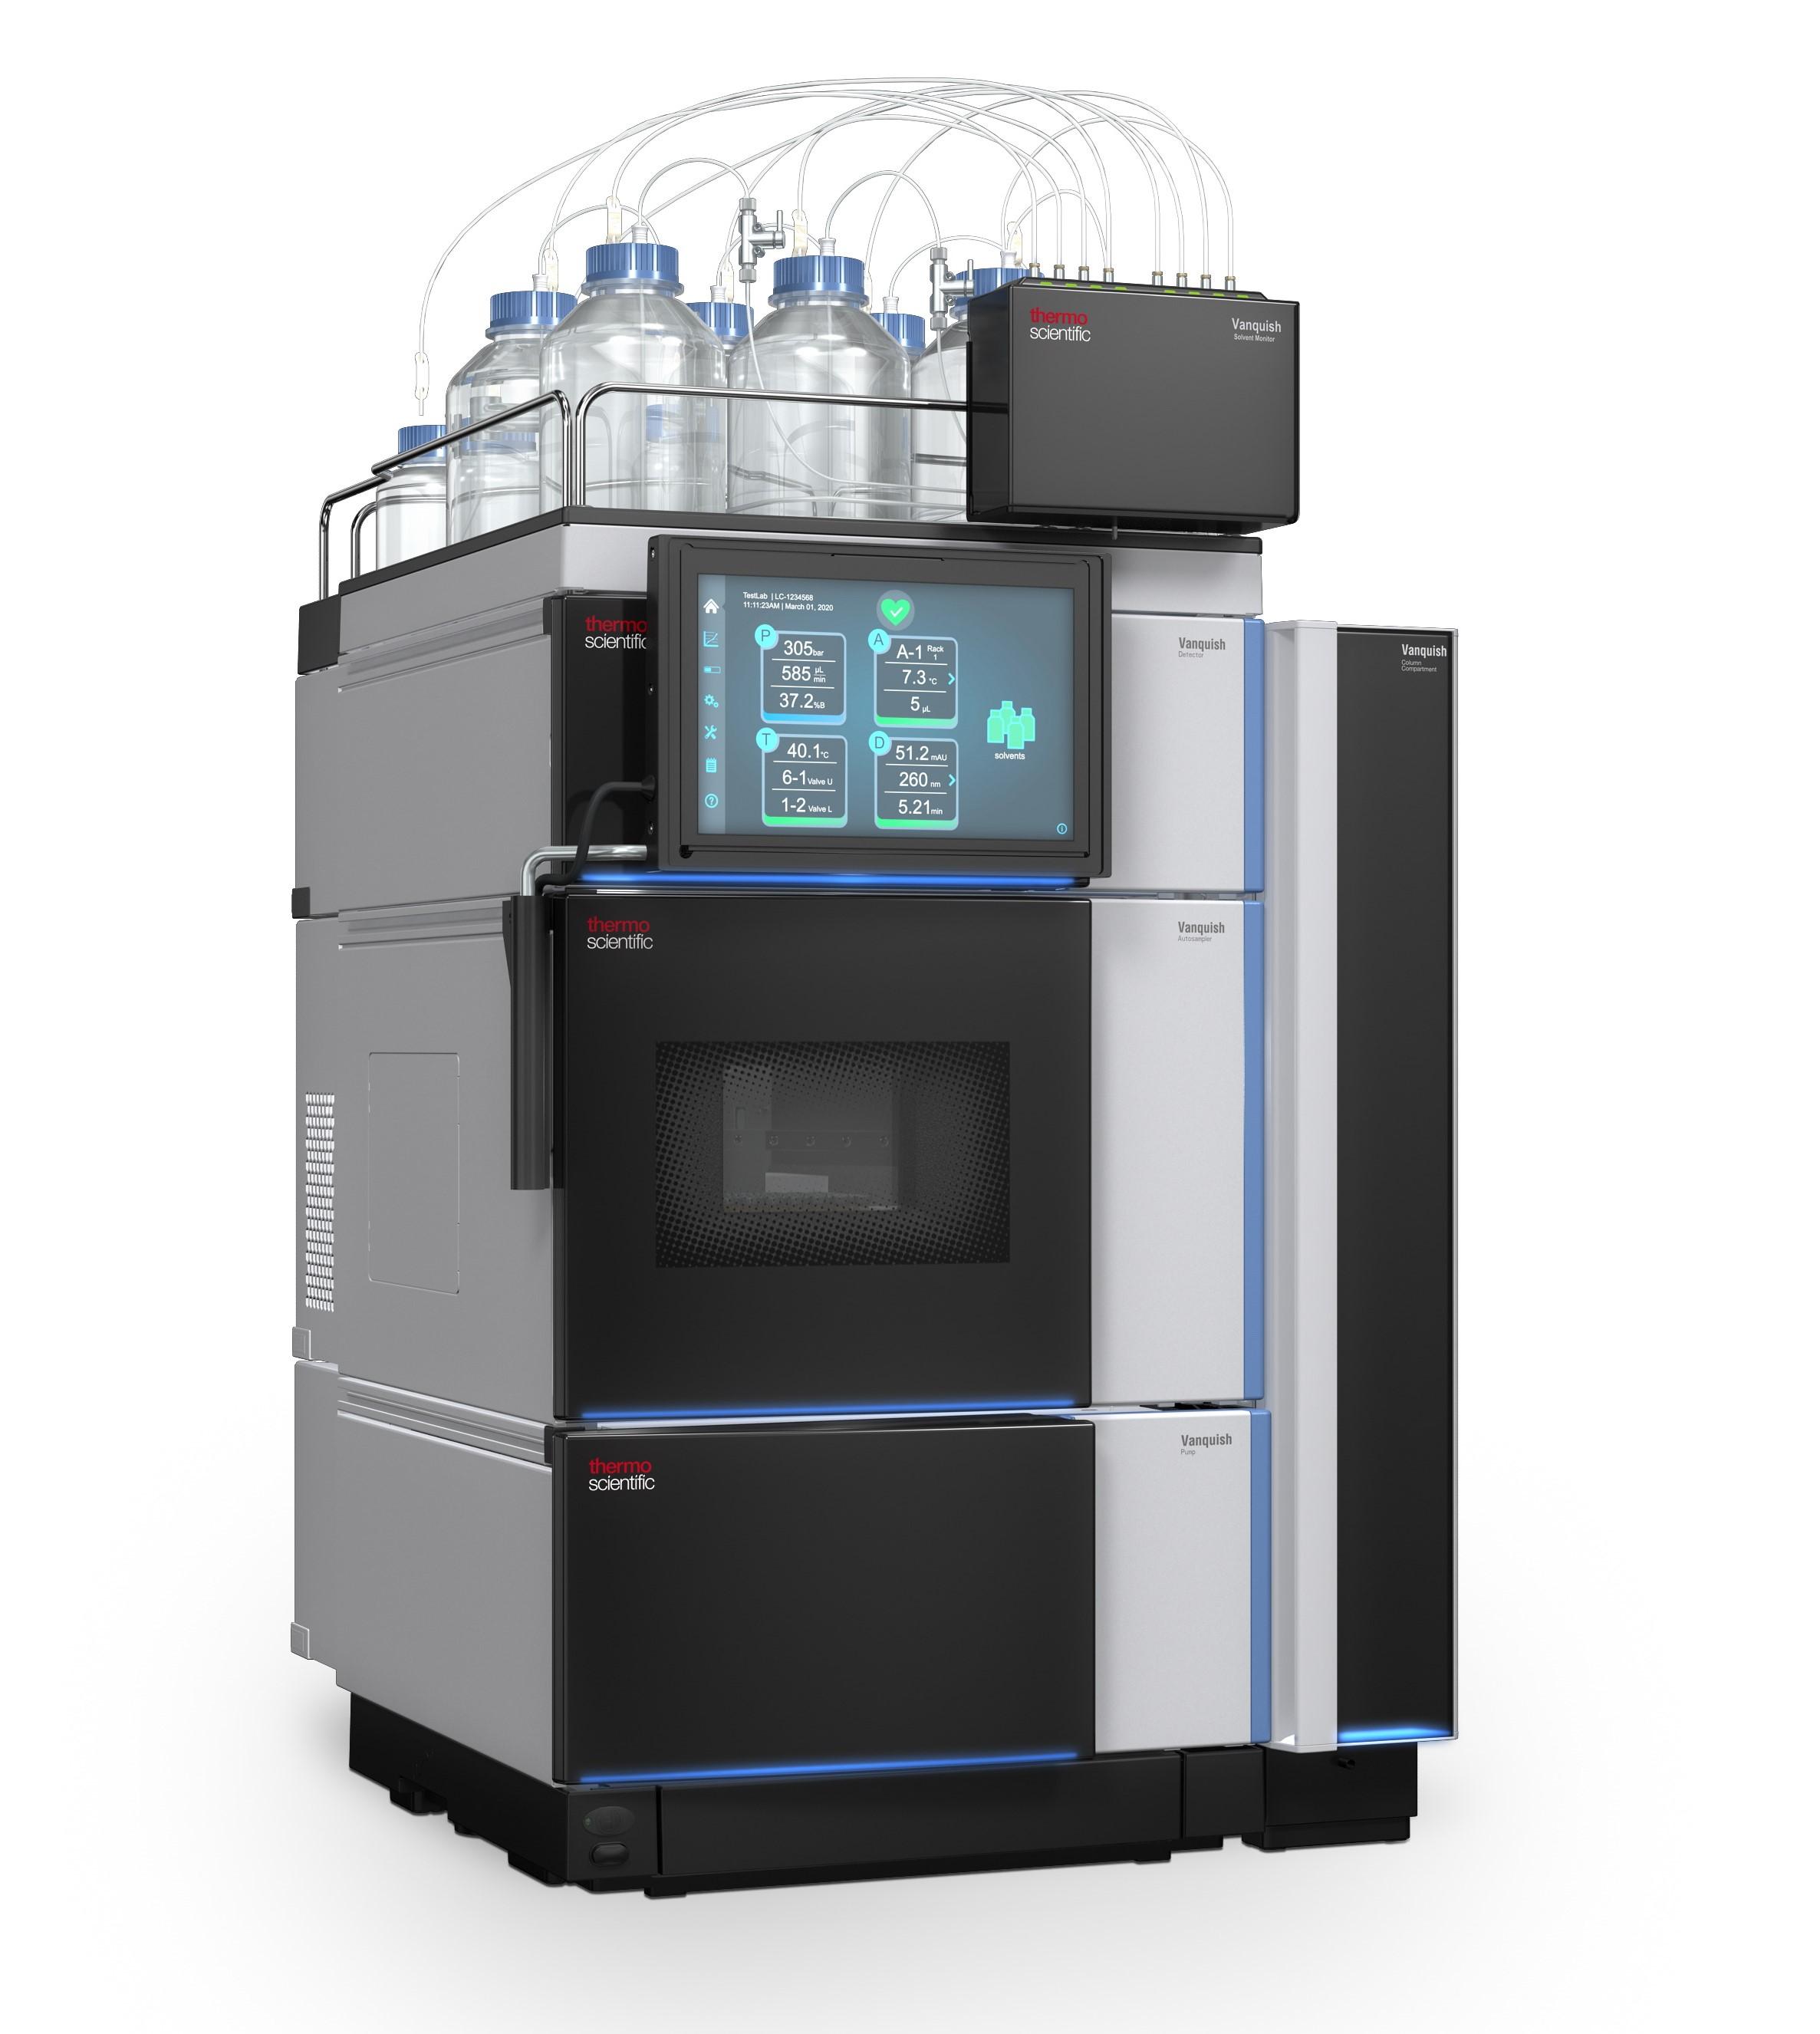 ルーチン分析向け Vanquish Core HPLC システム